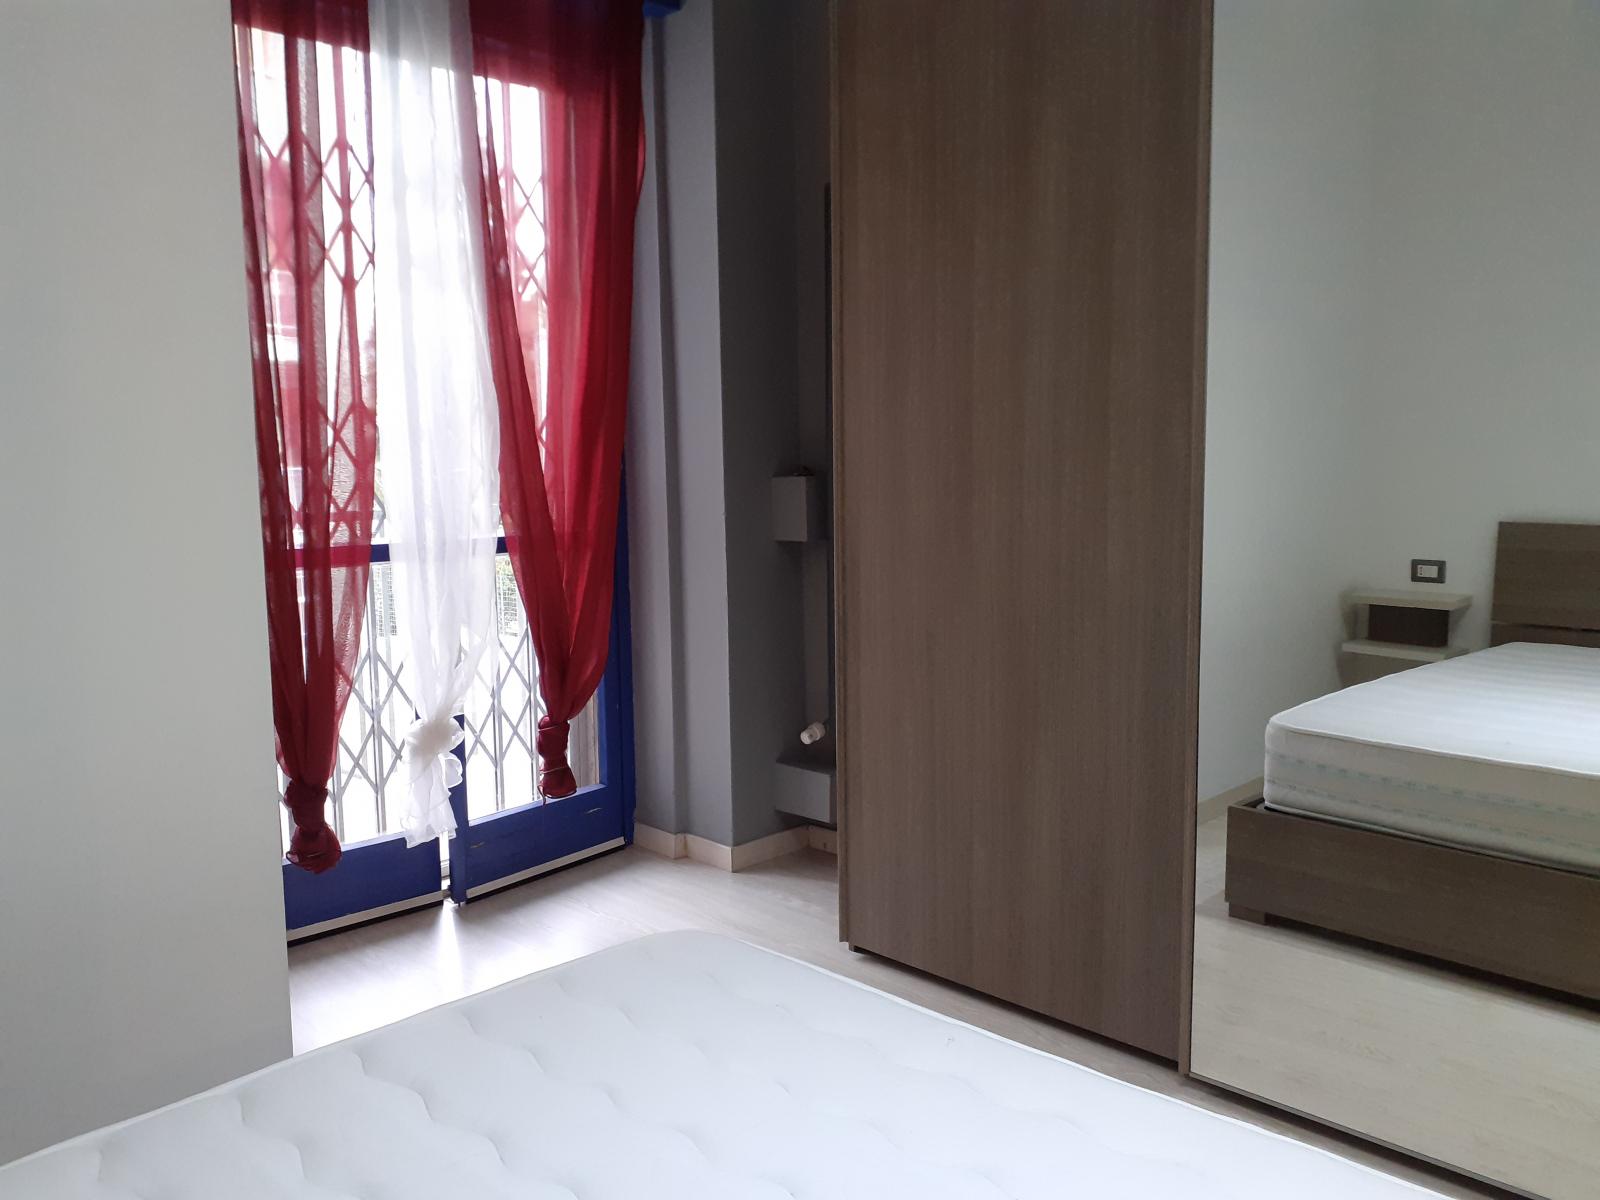 appartamento-in-vendita-milano-baggio-2-locali-open-space-spaziourbano-immobiliare-vende-4